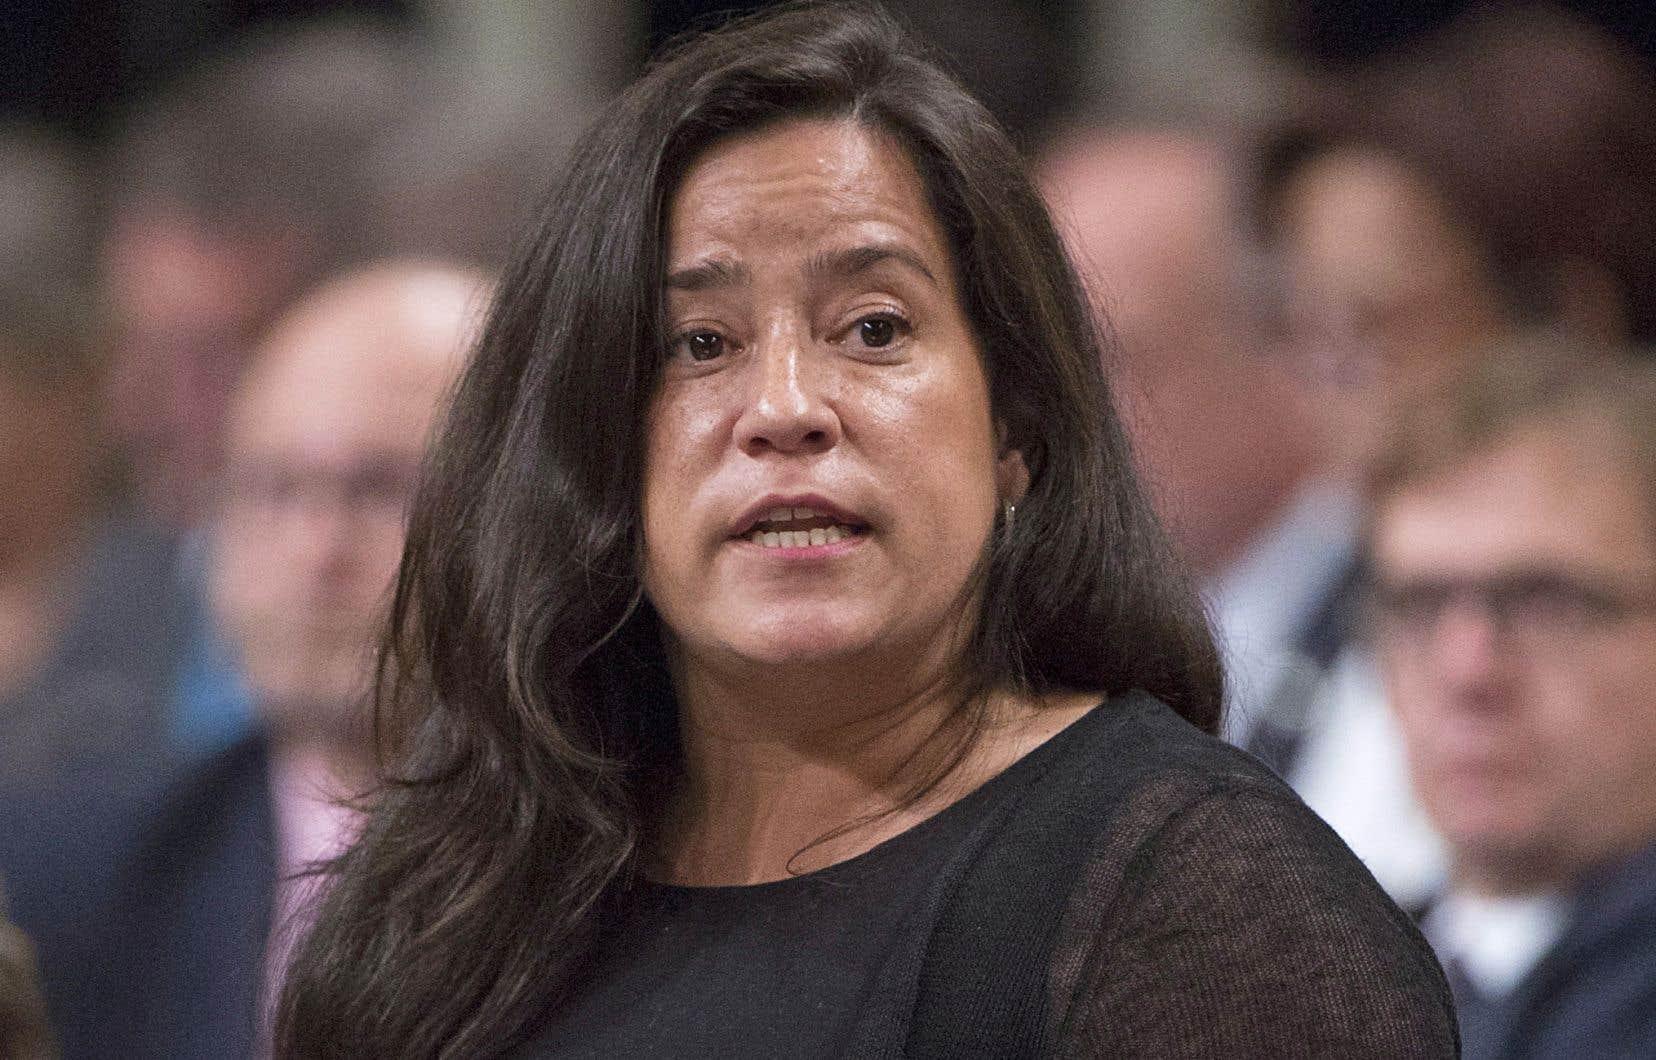 Selon l'auteur, l'ex-ministre de la Justice Jody Wilson-Raybould a agi de manière louable en soutenant ses procureurs, qui ont clairement décidé que, jusqu'ici, l'importance économique et politique de SNC-Lavalin ne justifiait pas la tenue d'une négociation pour exclure sa responsabilité criminelle.